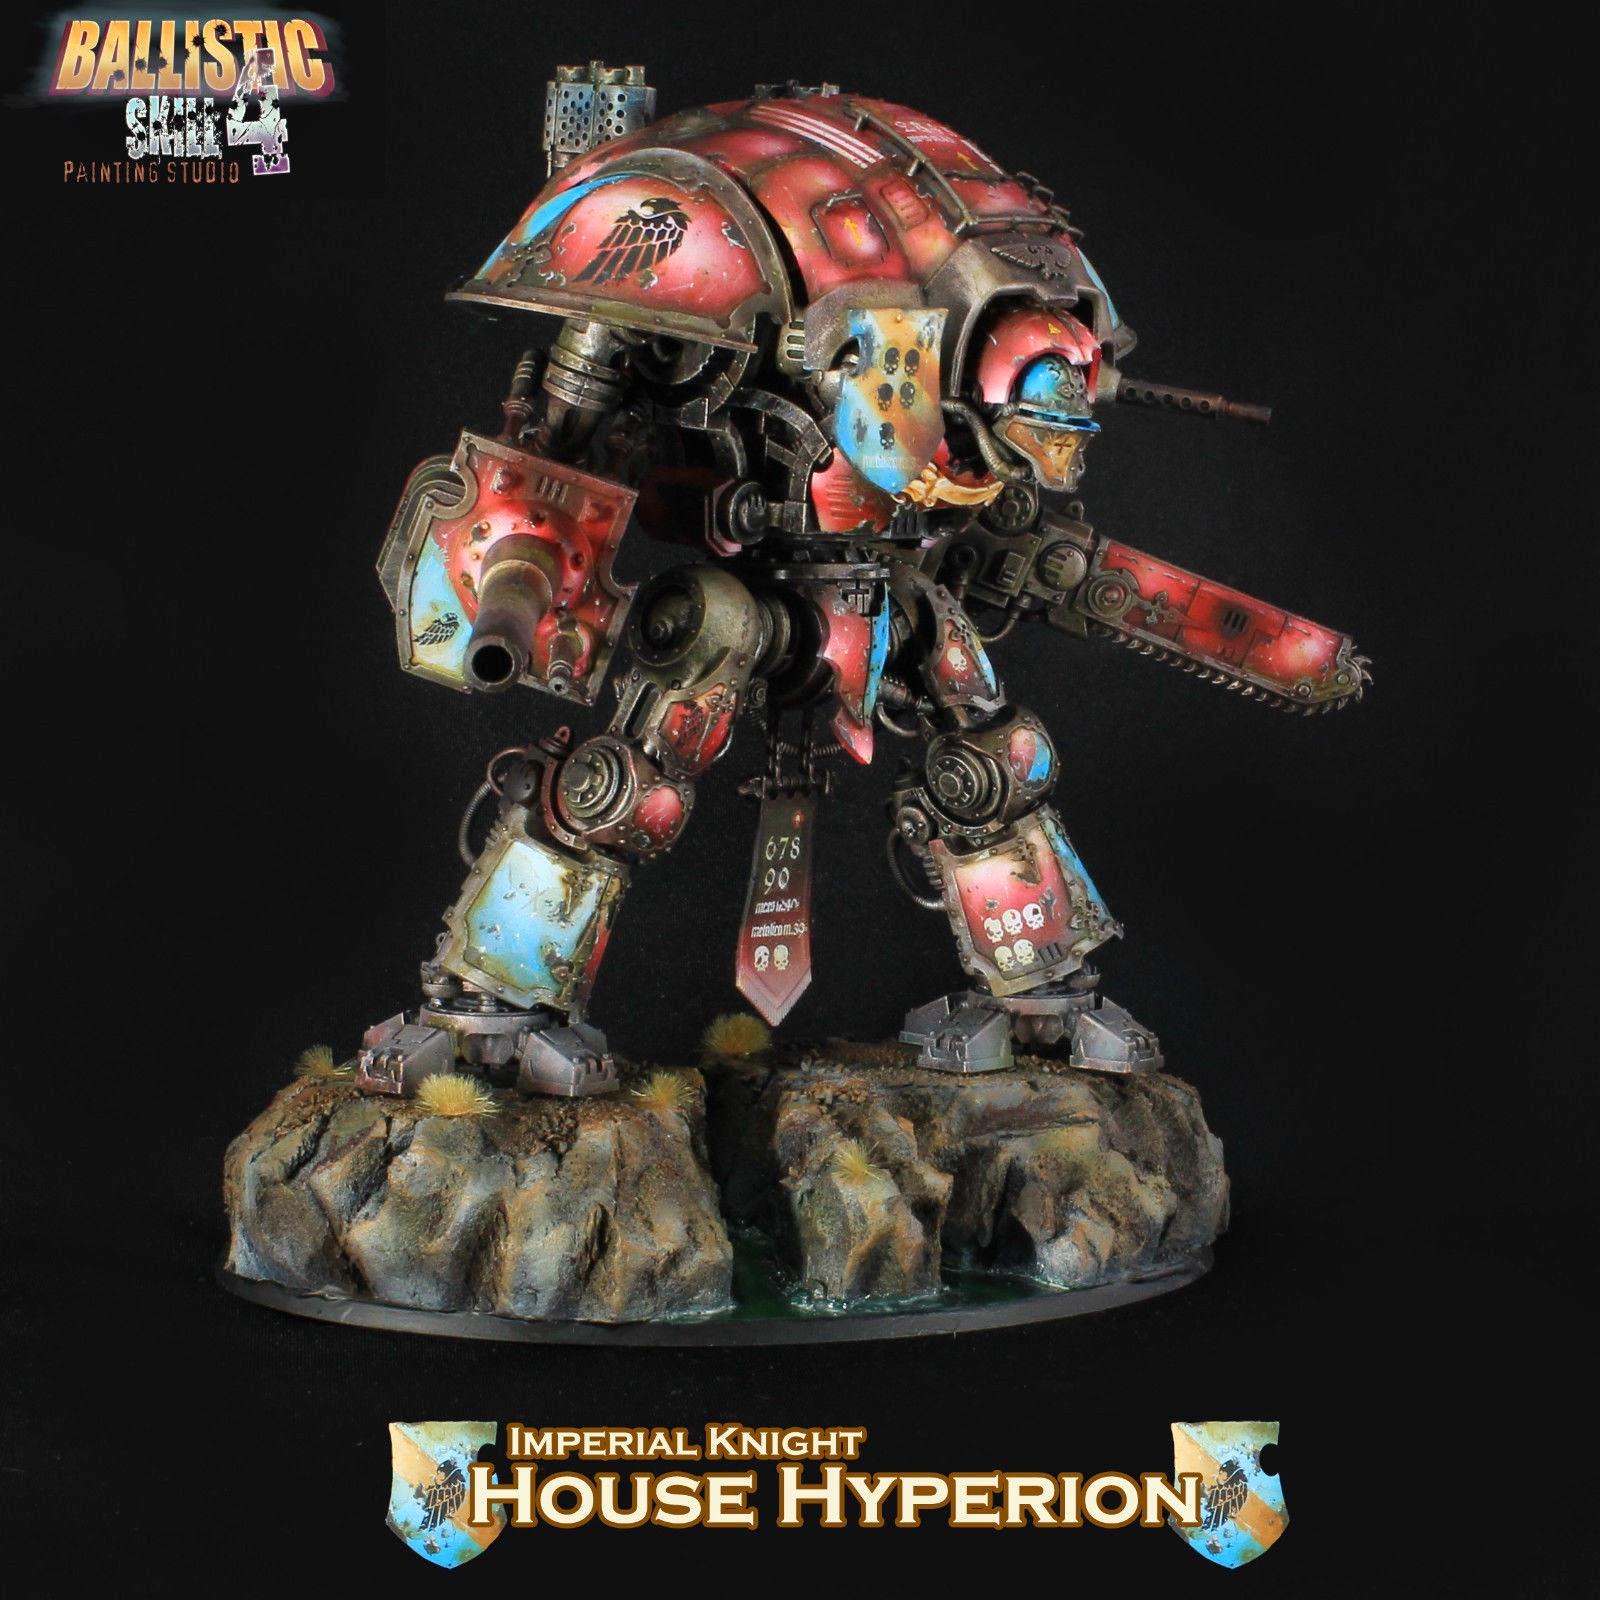 La casa de caballeros Hyperion